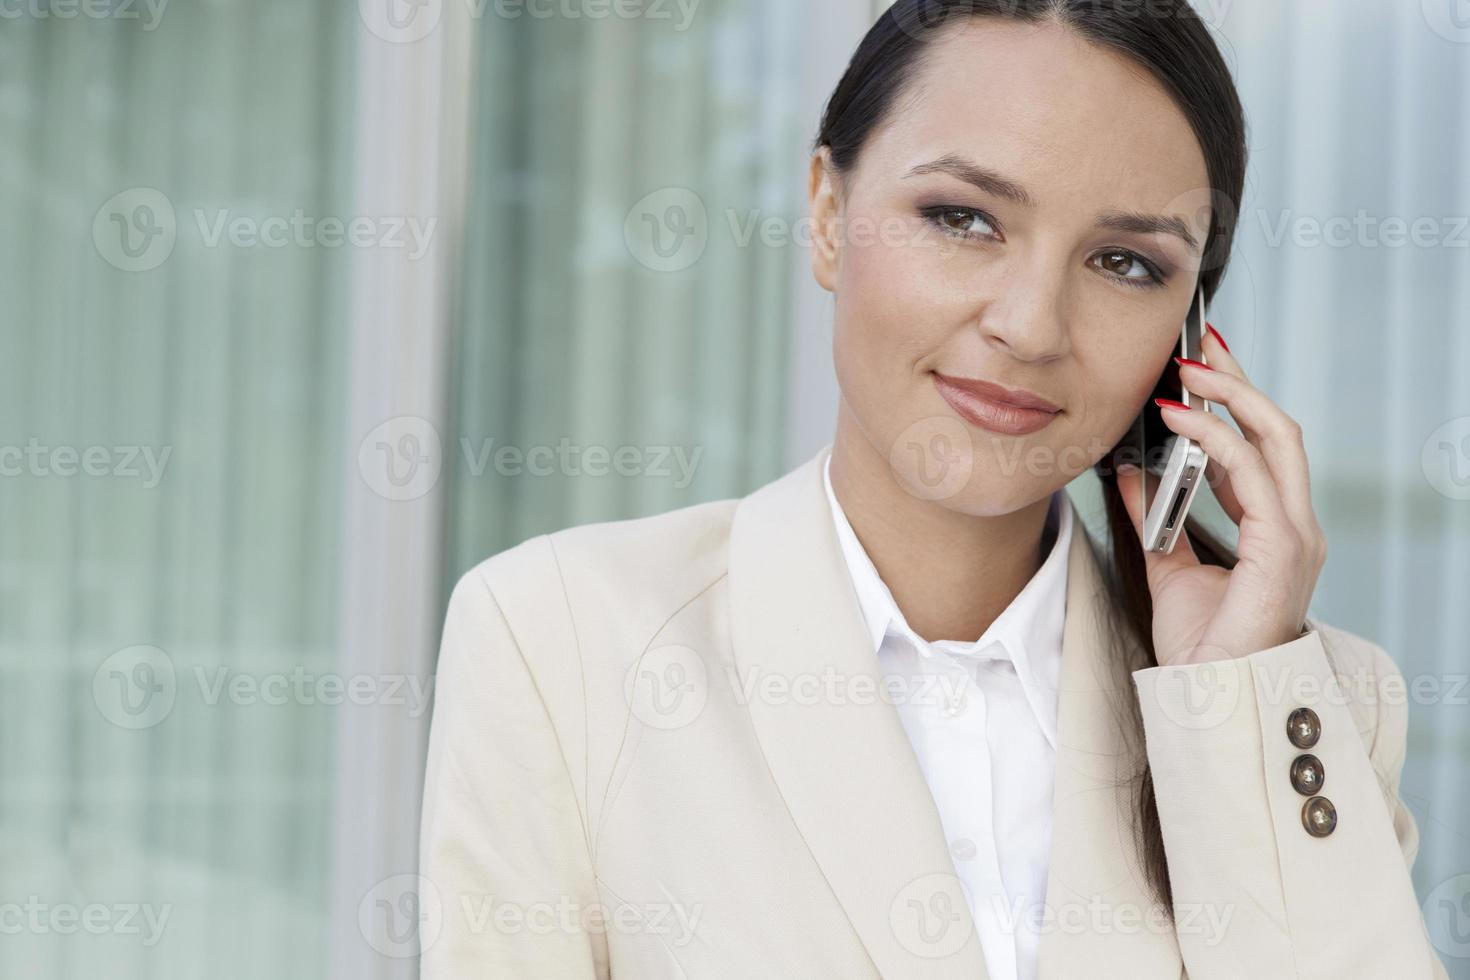 mooie zakenvrouw mobiele telefoon beantwoorden buitenshuis foto